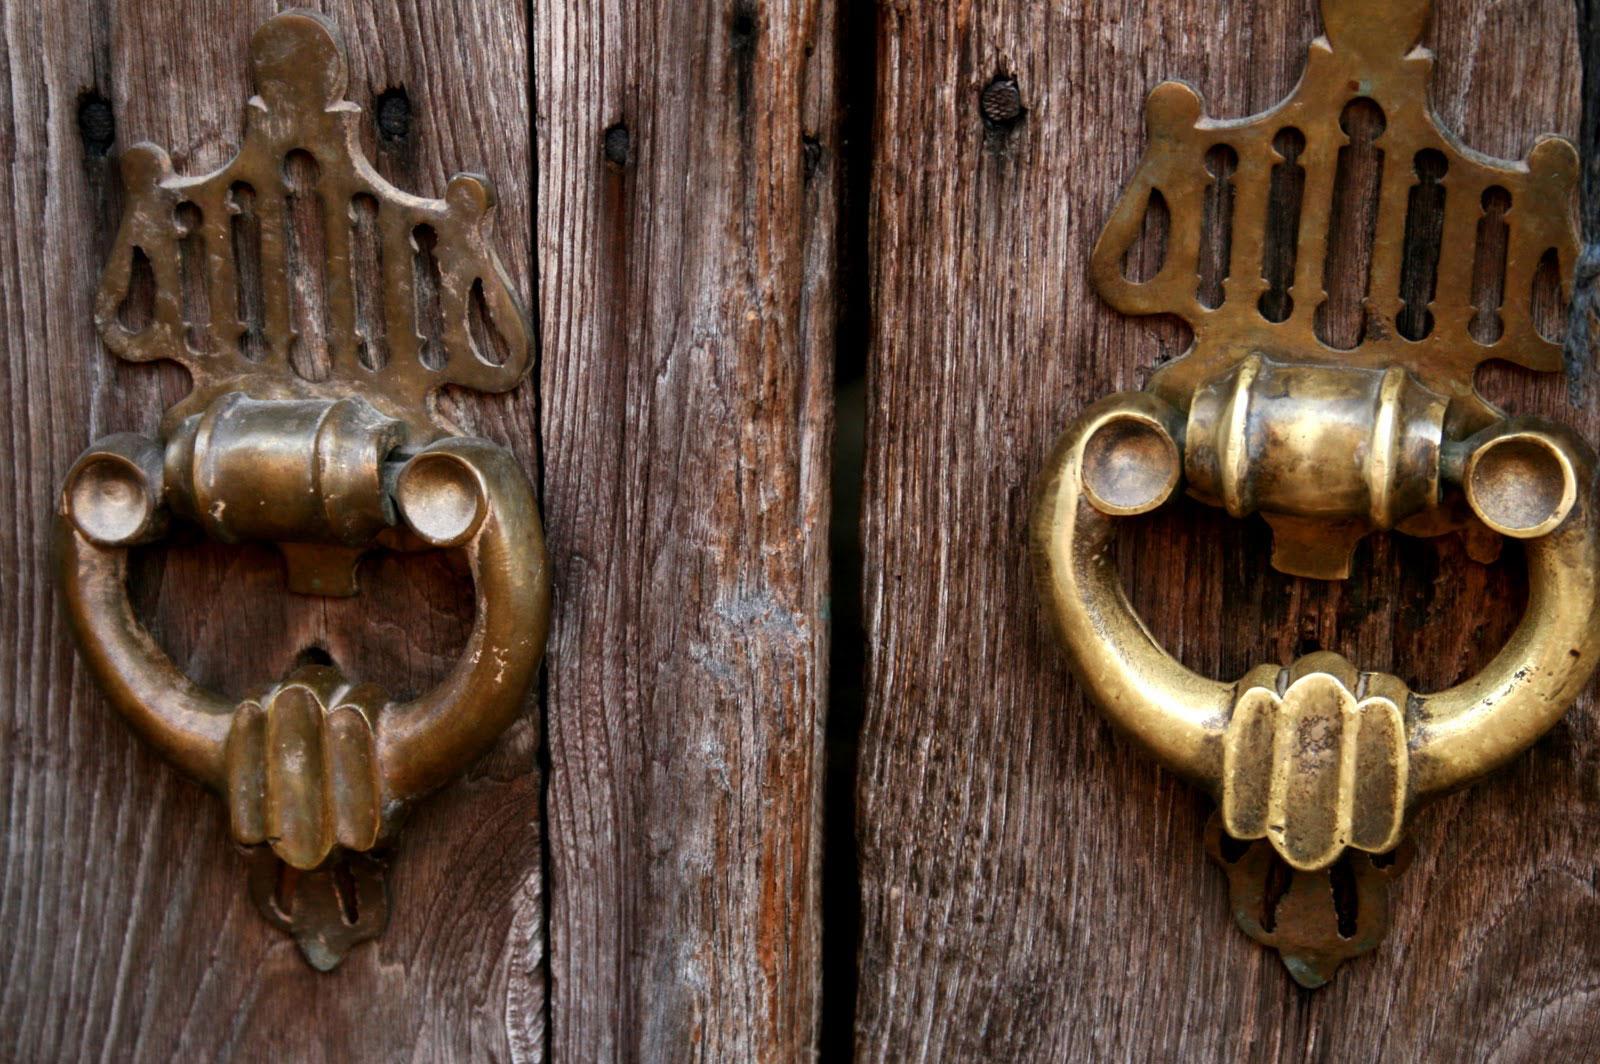 osmanlı kapı tokmağı